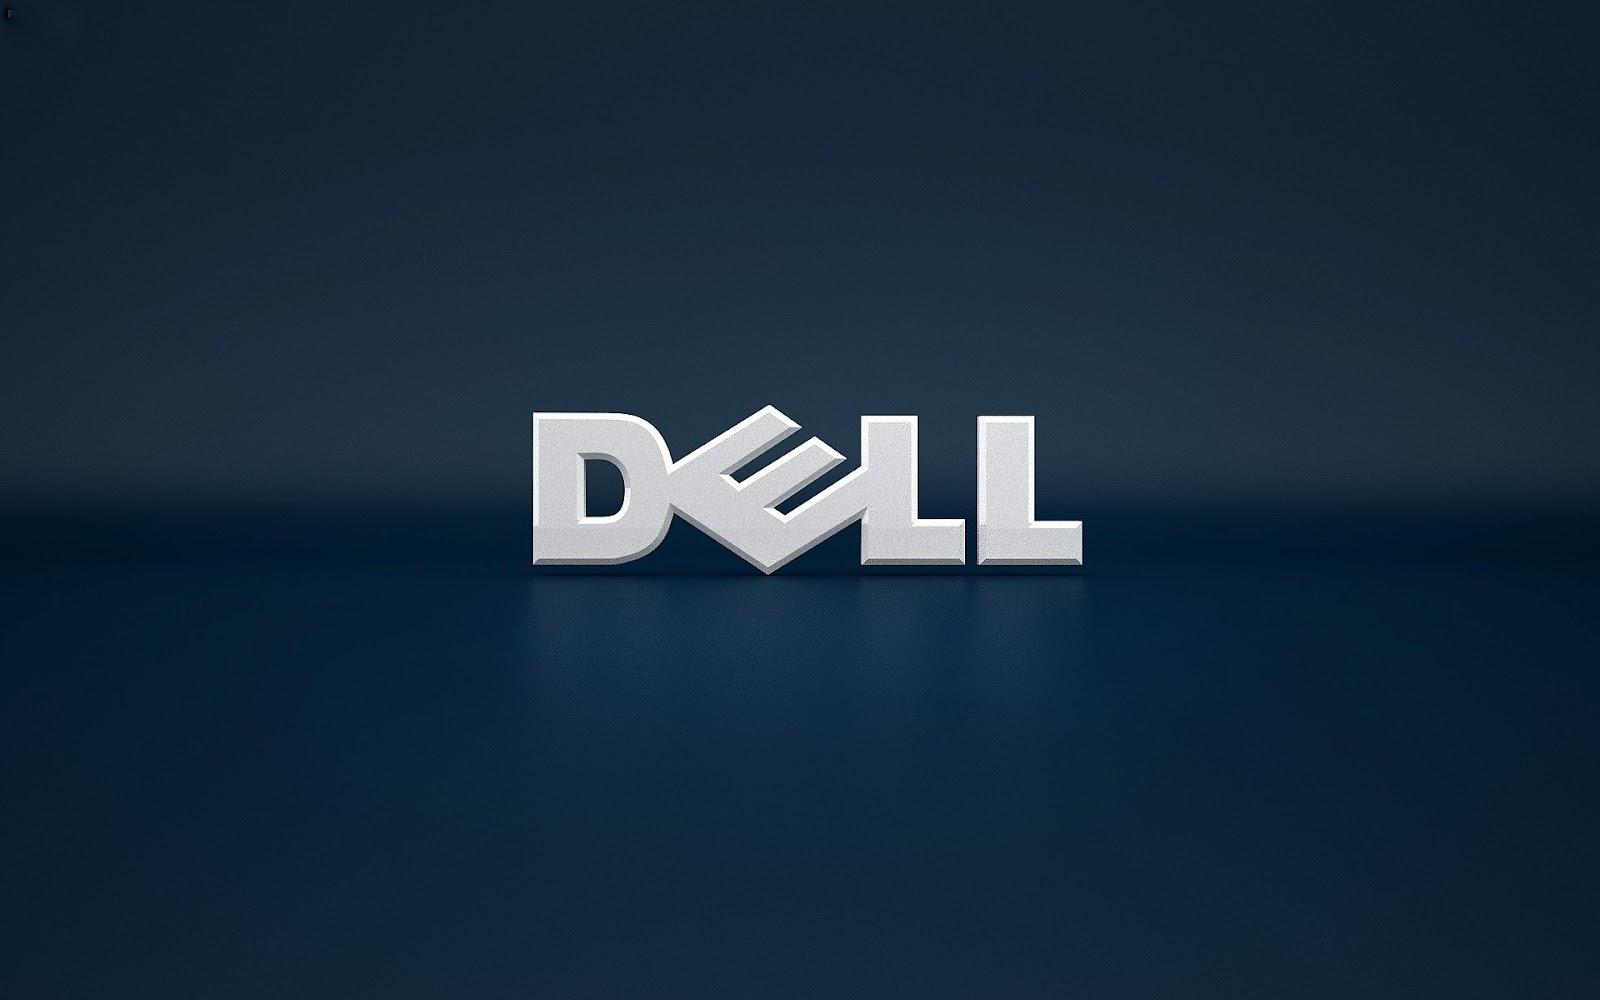 http://2.bp.blogspot.com/--pqdFZmQs28/UF9G0Pg8QVI/AAAAAAAAB24/89jhi_8Shko/s1600/Dell%2BWallpaper%2B(16).jpg